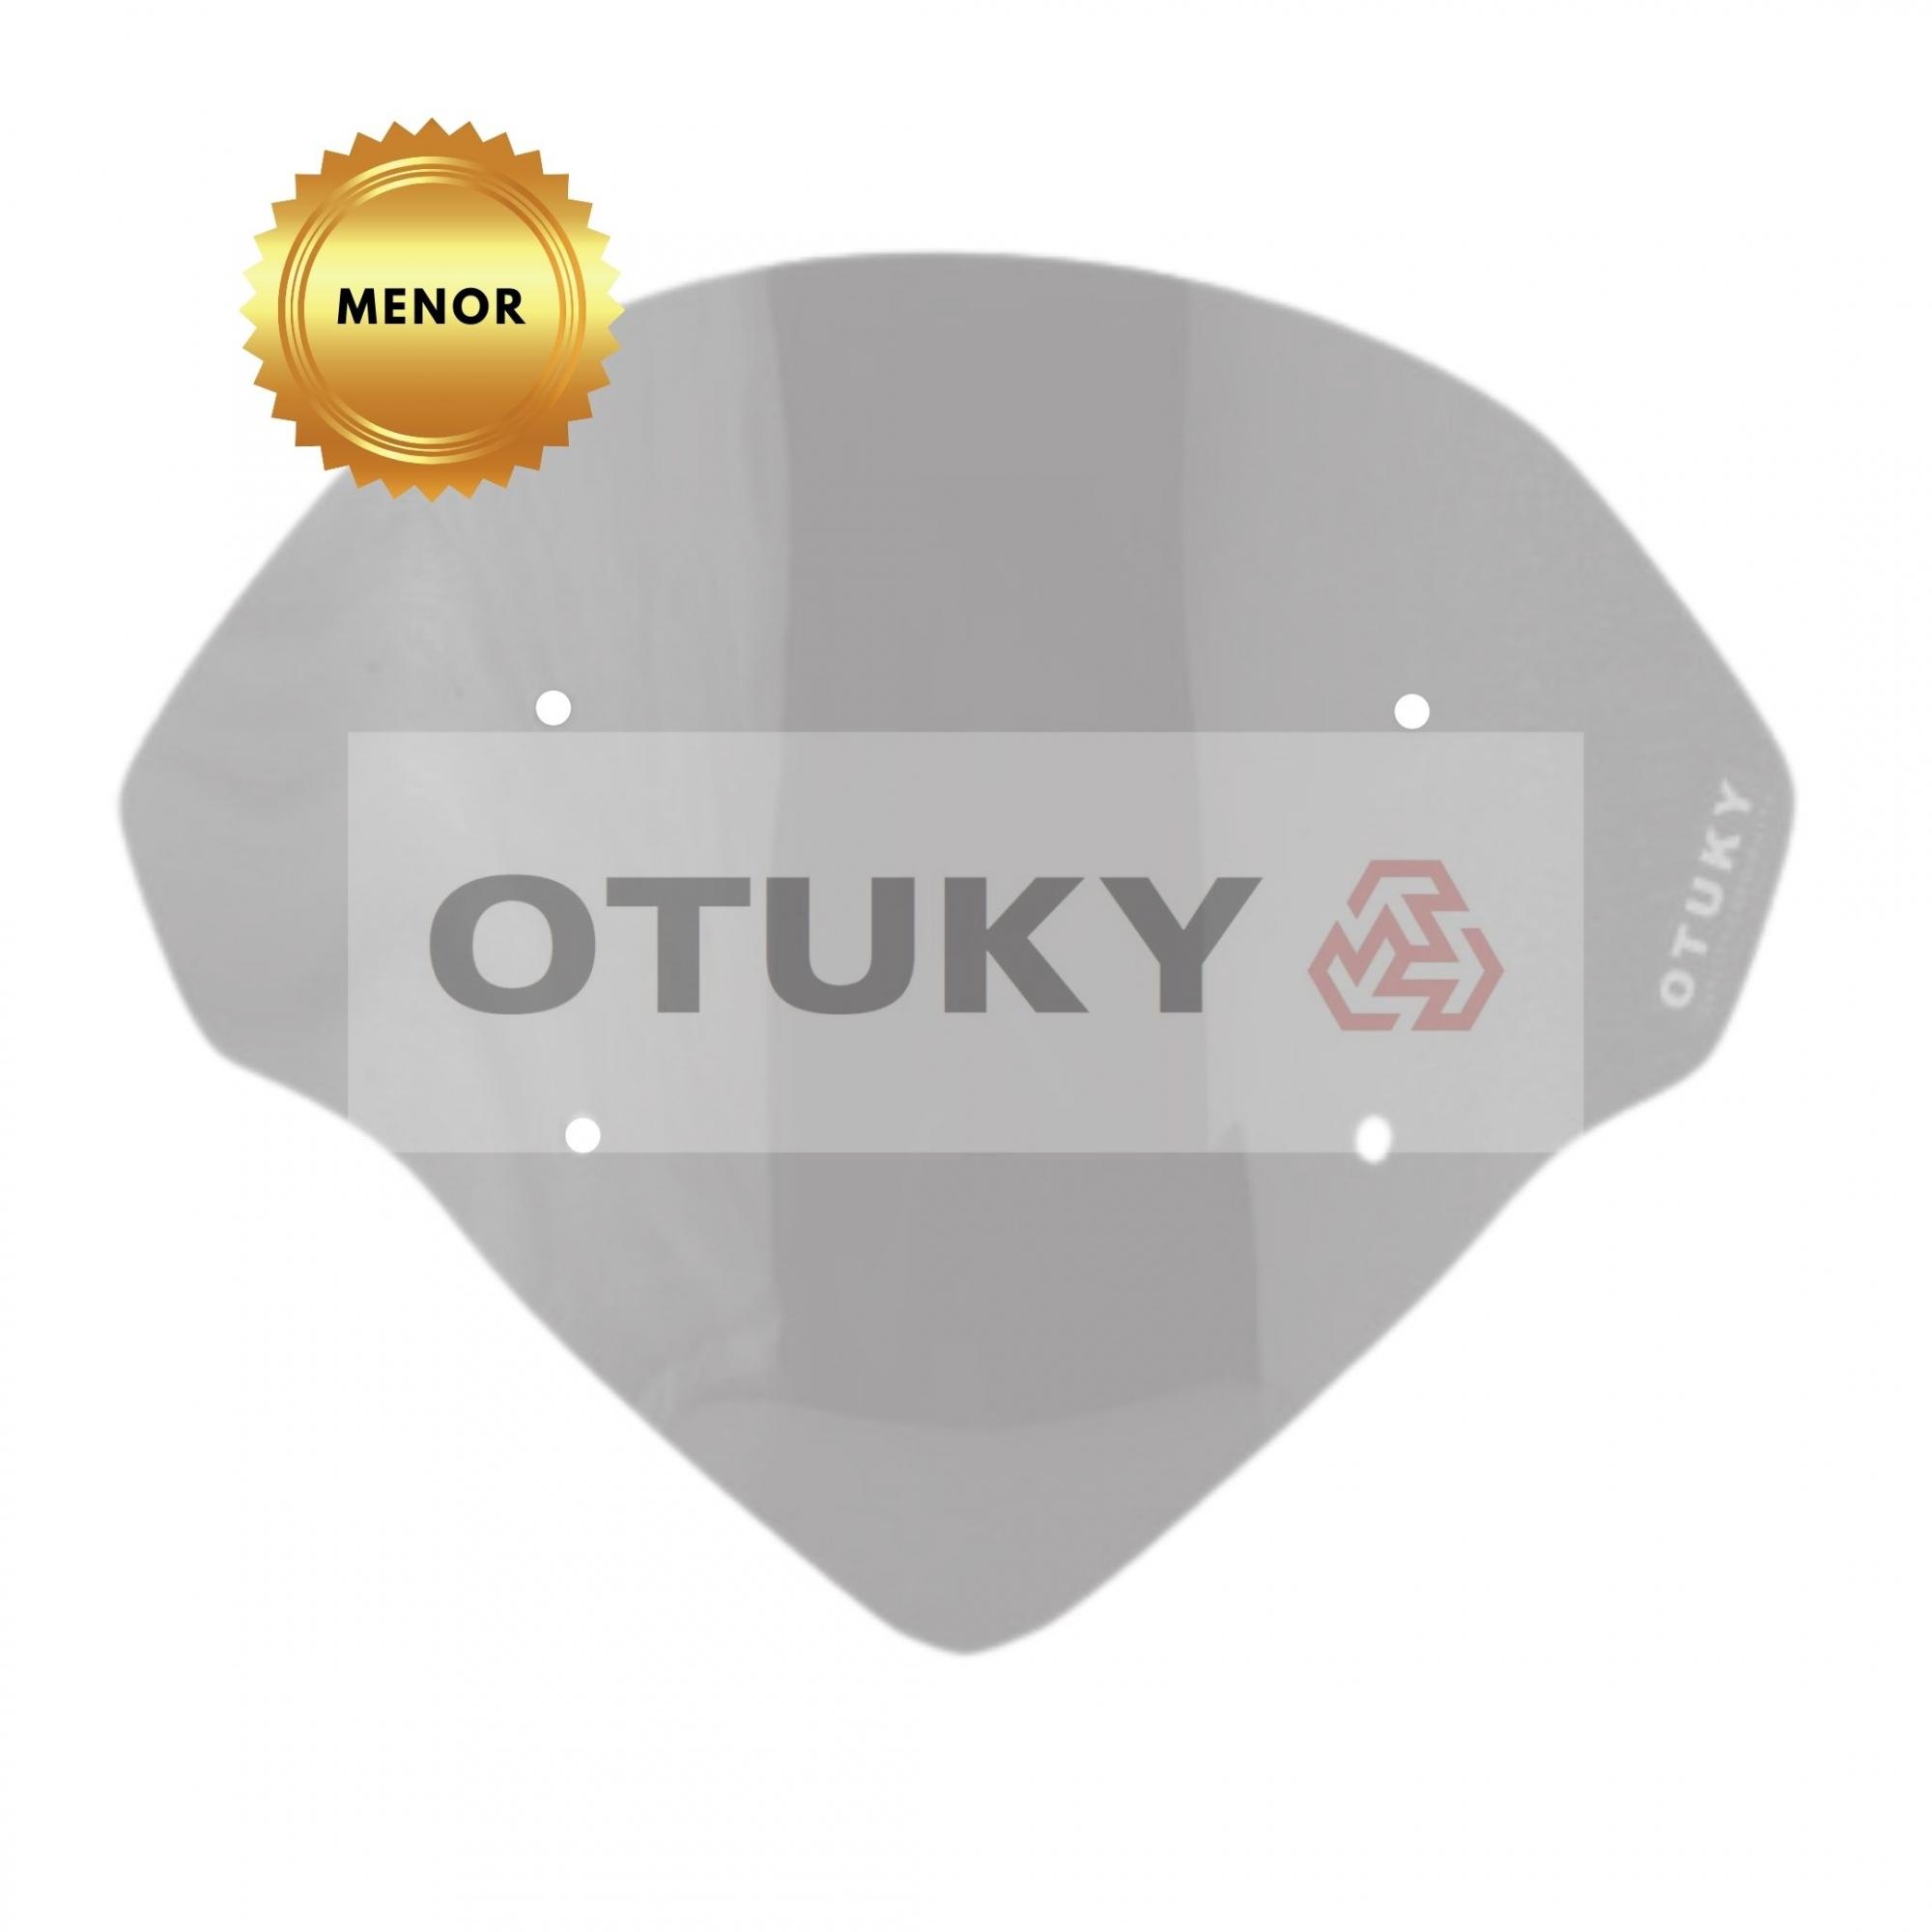 Bolha para Moto Ténéré 250 Xtz 2011 2012 2013 2014 2015 2016 2017 2018 Otuky Menor Fumê Cinza